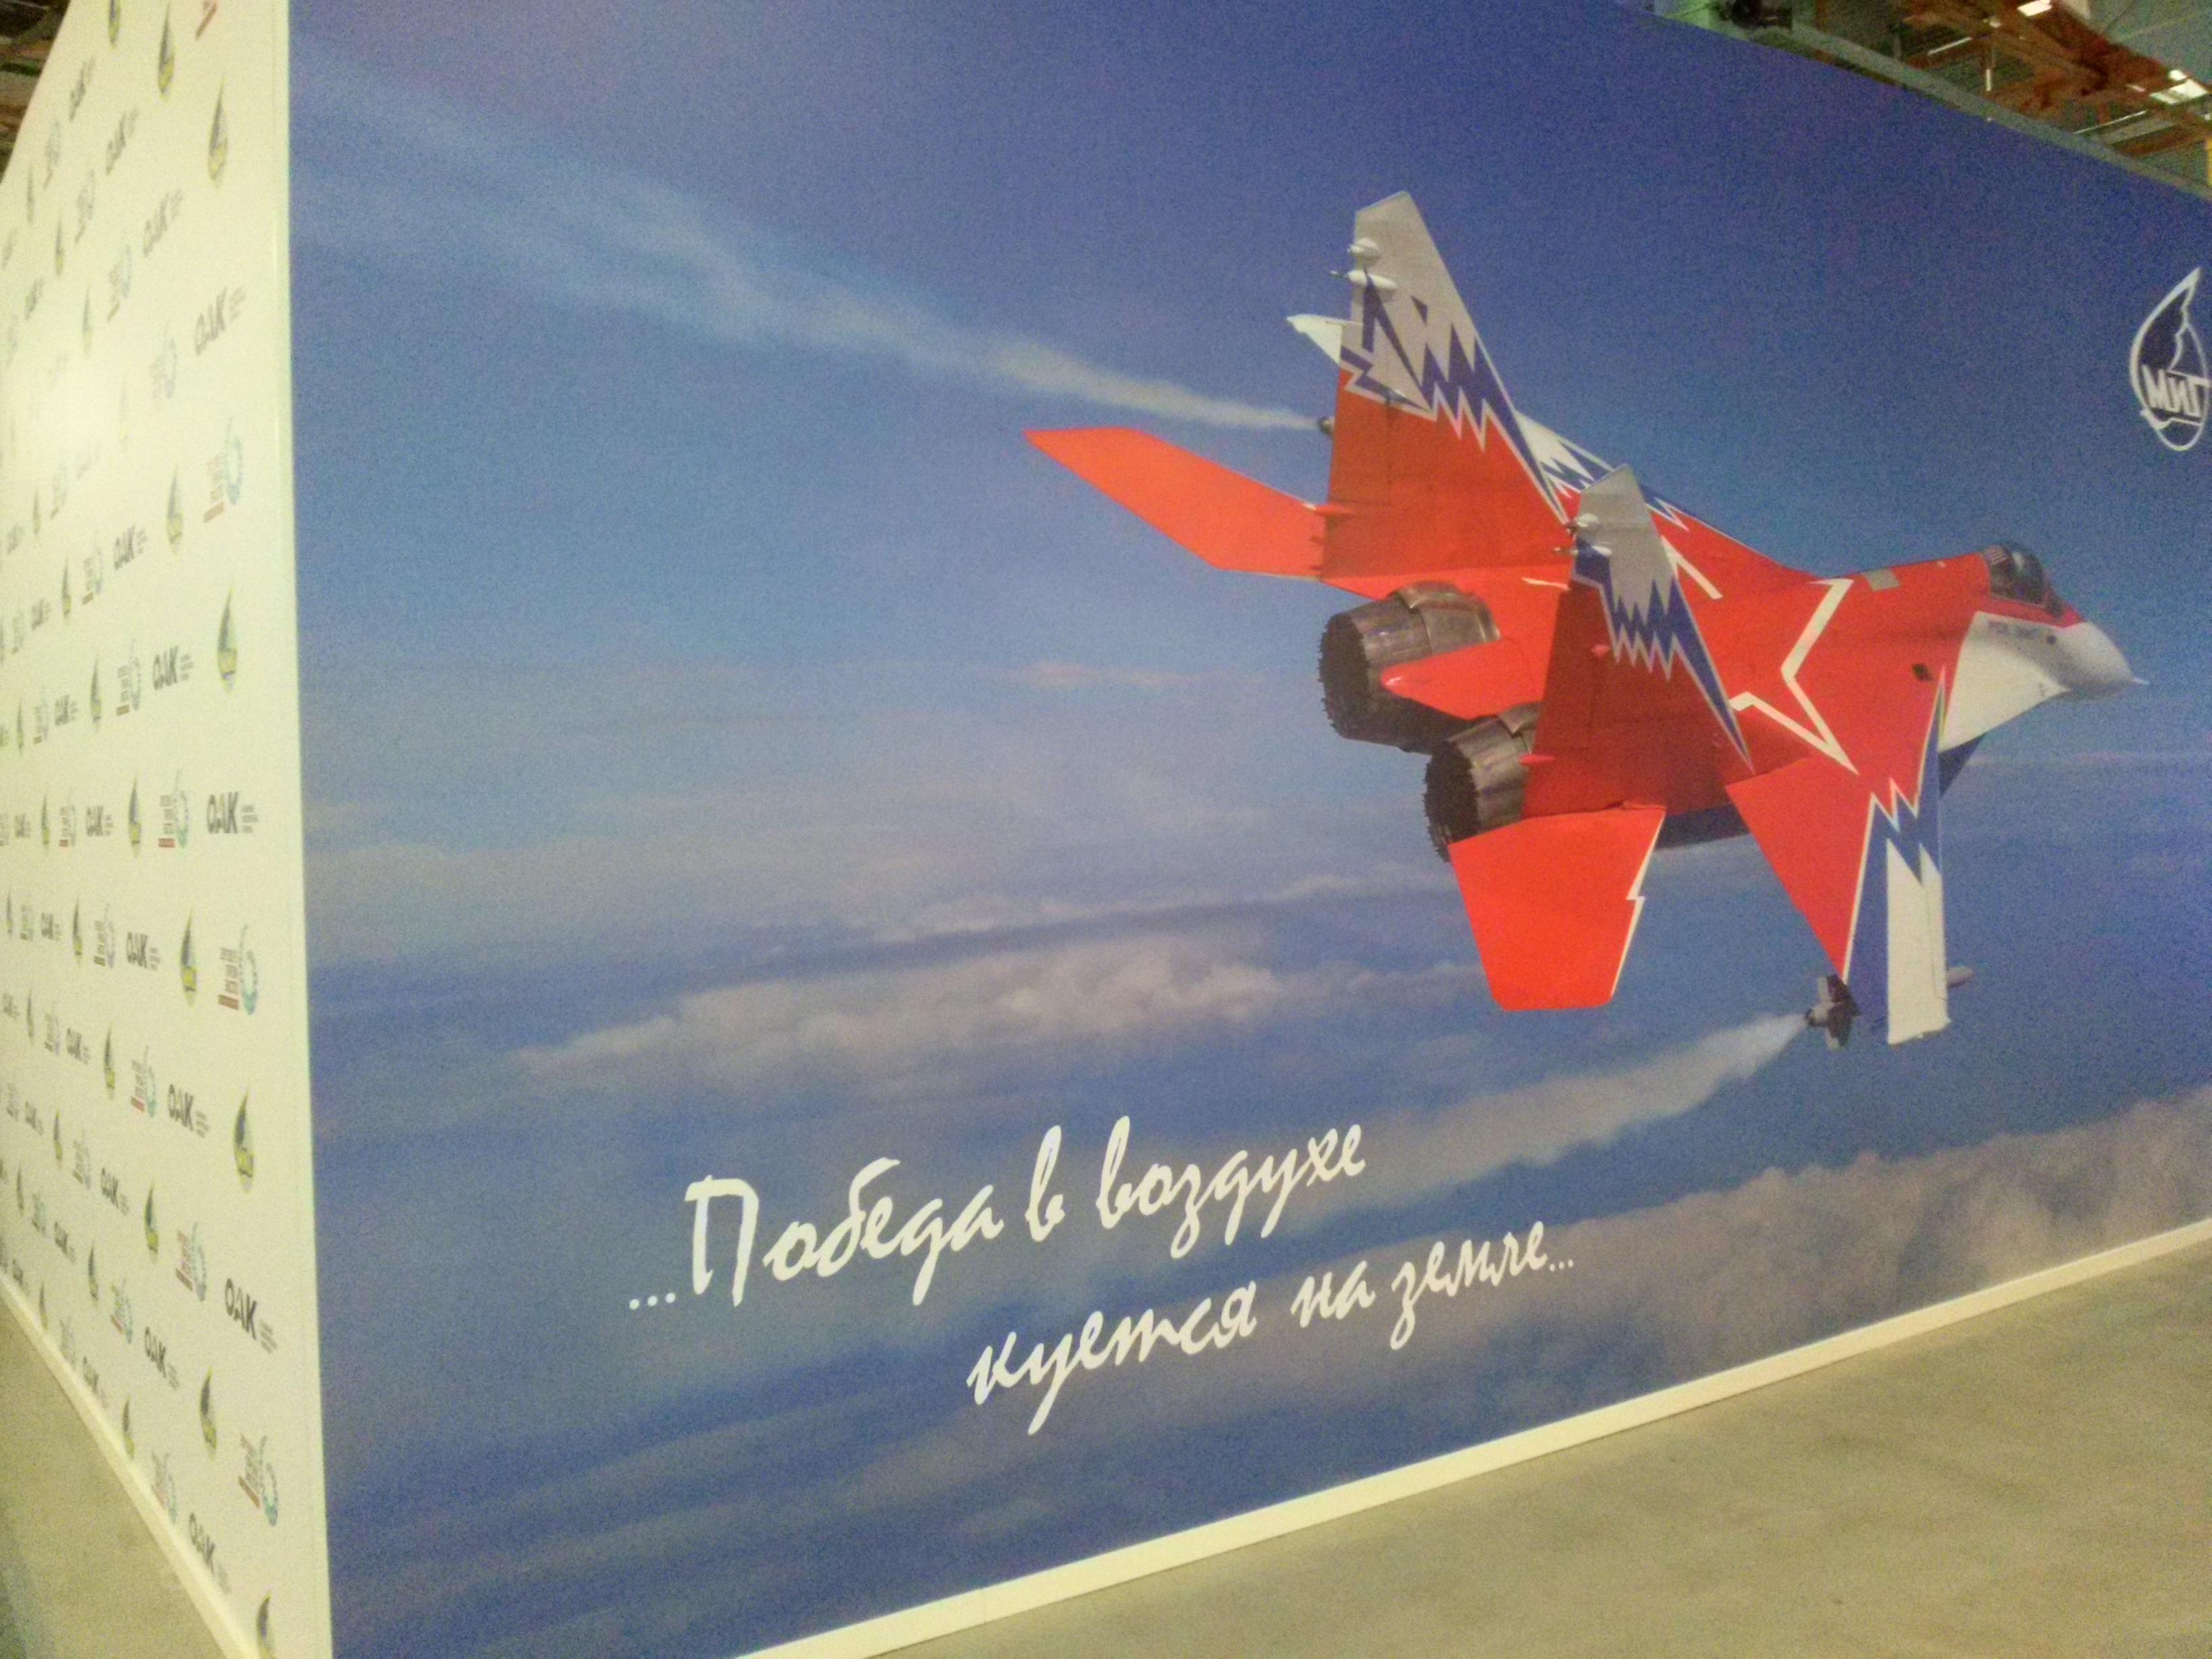 Одна из лучших реклам авиации